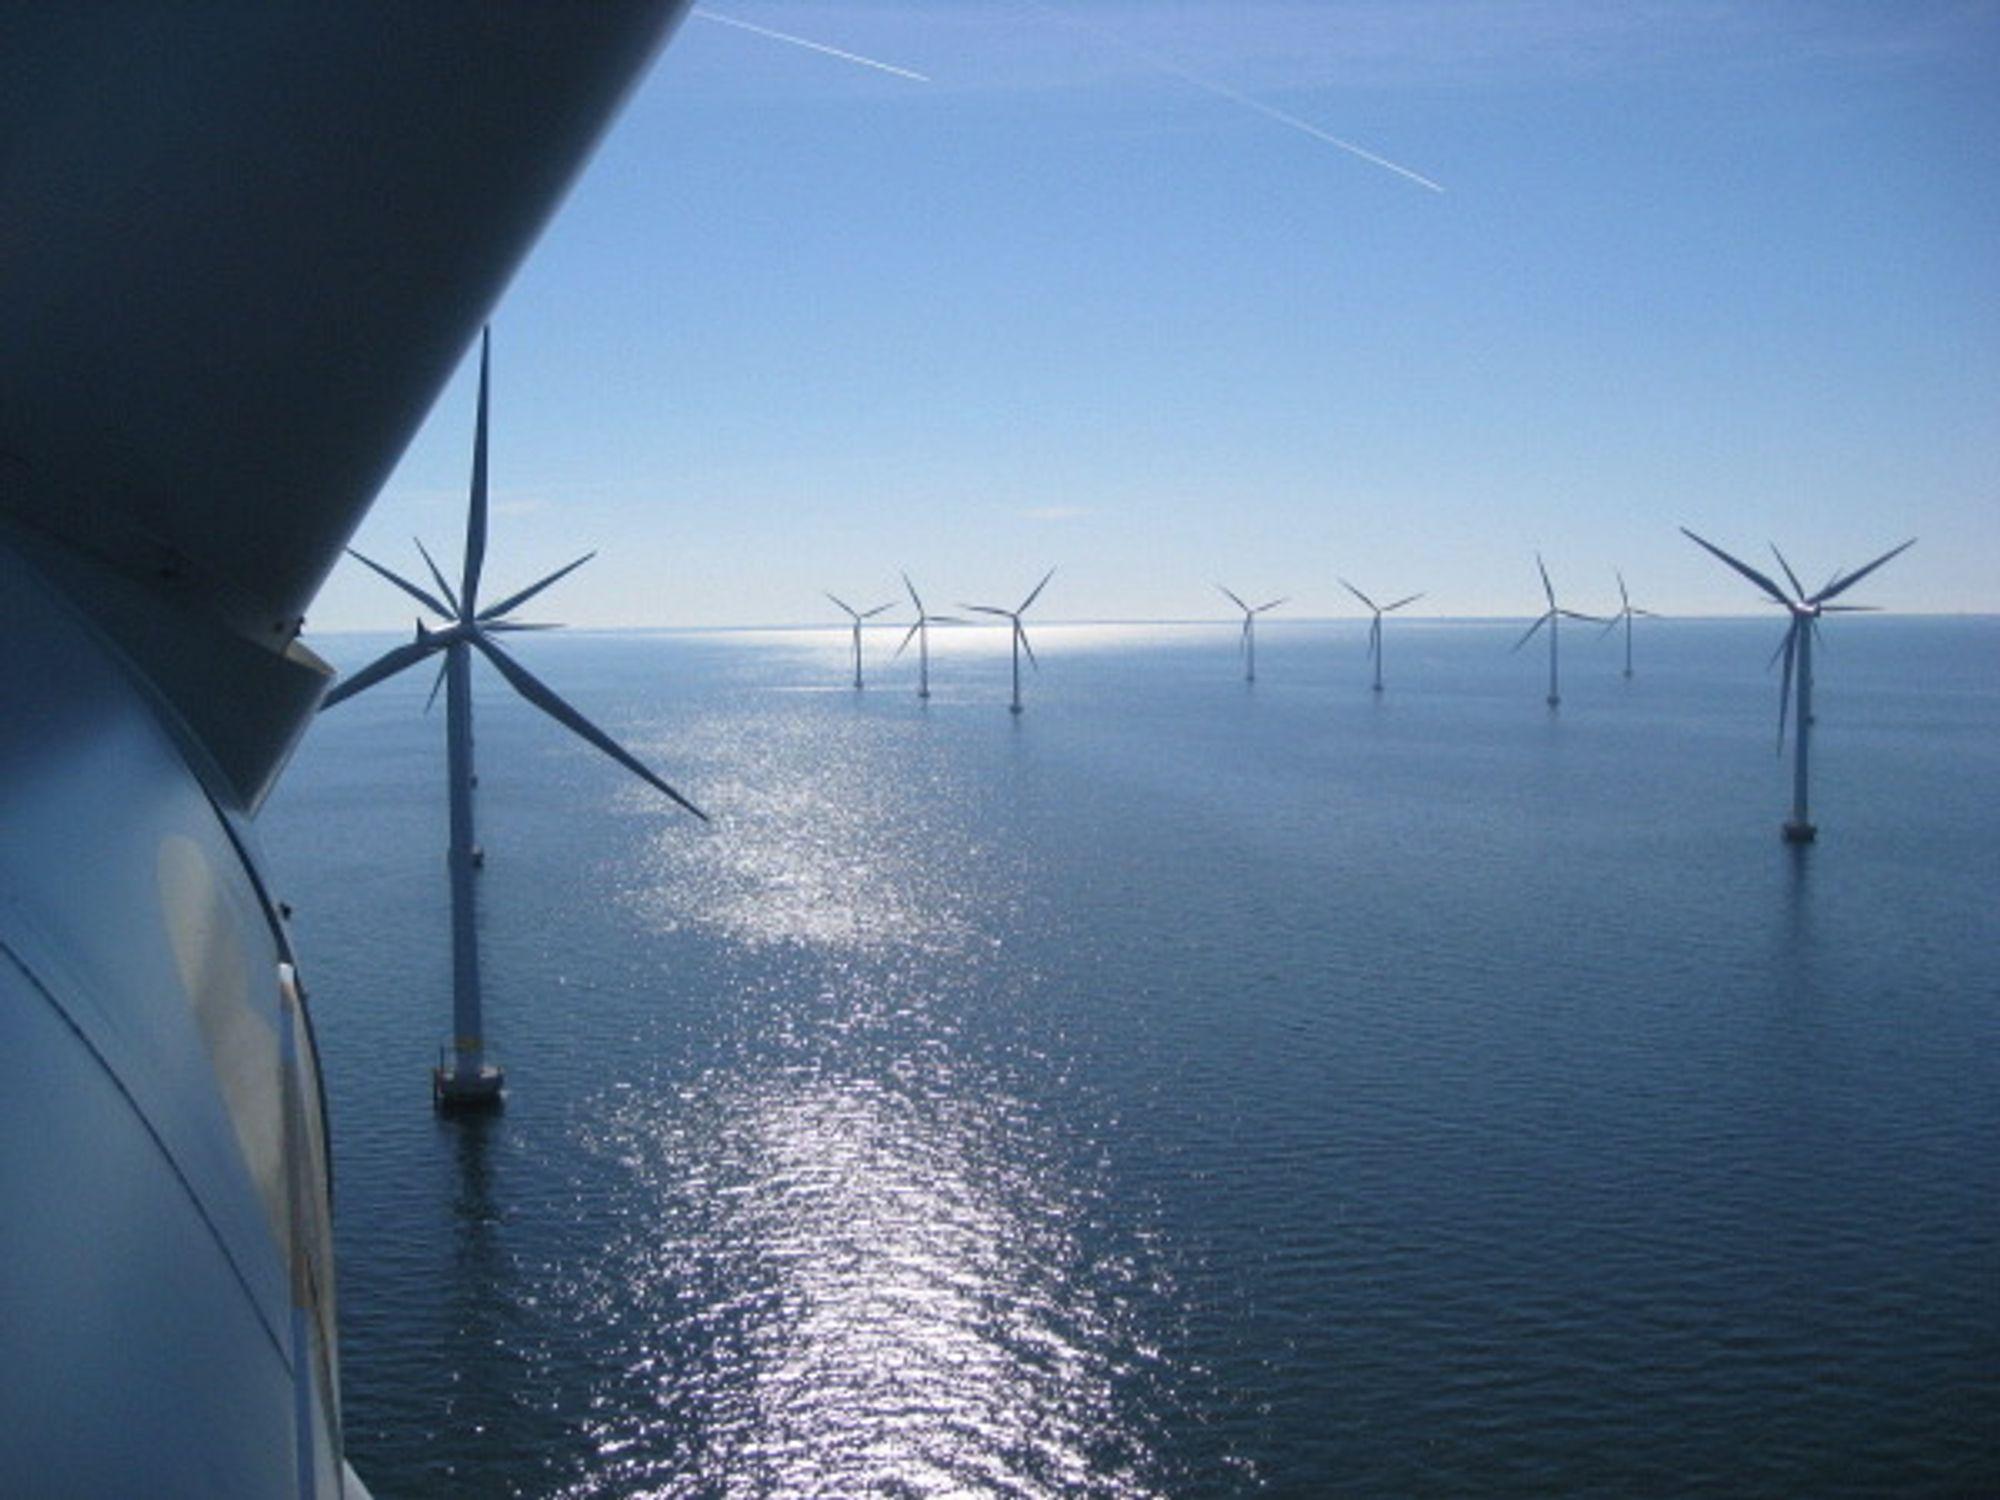 Ikke interessert: Intsok og Intpow har som oppgave å promotere og hjelpe norske bedrifter innen henholdsvis olje og gassindustrien og fornybar-industrien i utlandet. Intpow sliter med økonomien og for mange oppgaver, en Instok ser ingen grunn til at de skal overta ansvaret for offshore vindkraft. Foto: DNV